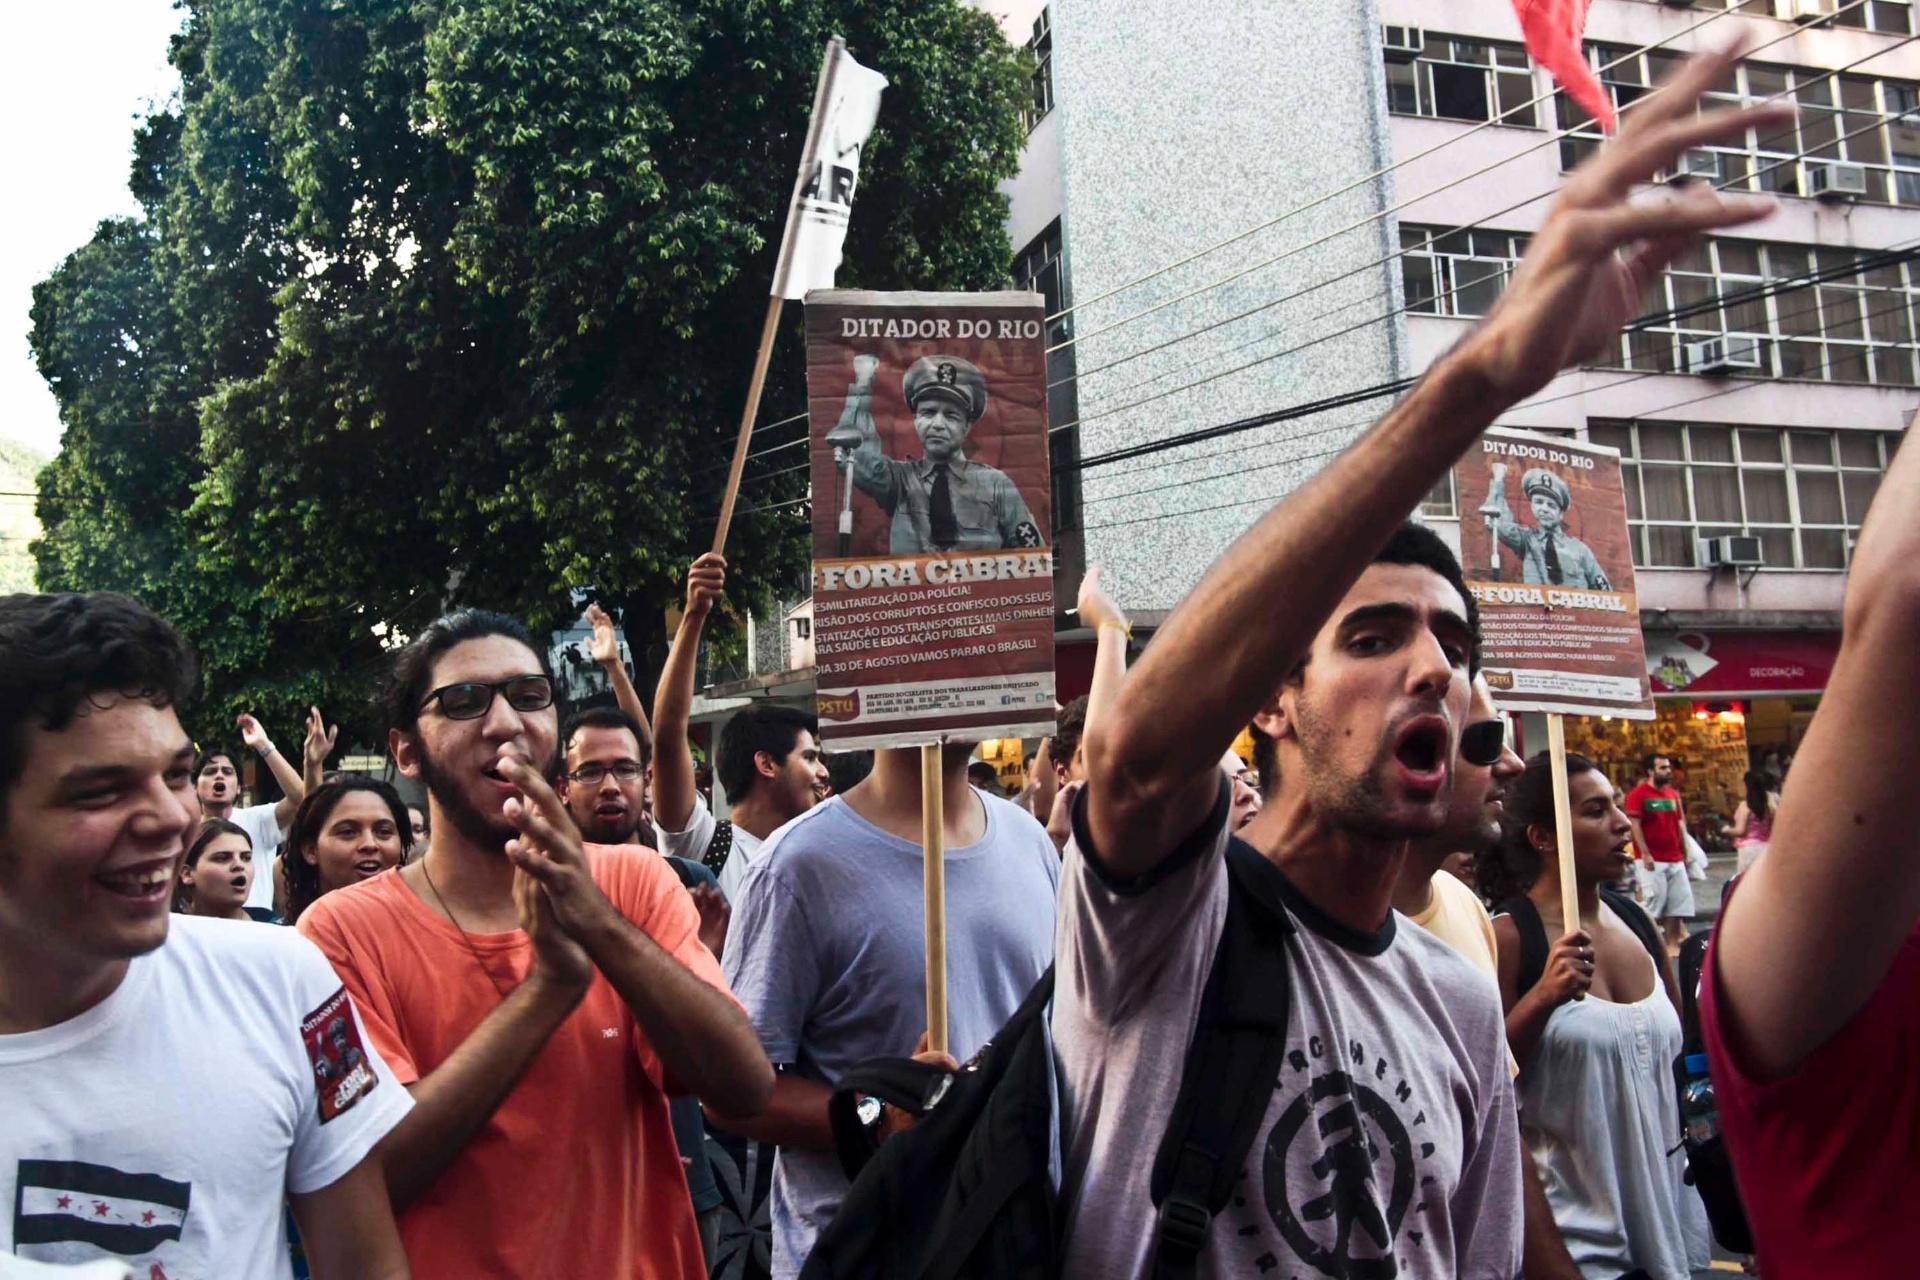 30.jan.2014 - Manifestantes fazem protesto contra aumento das passagens do transporte público e remoção das famílias da Favela Metrô-Mangueira, na zona norte do Rio de Janeiro, no centro do Rio de Janeiro (RJ), nesta quinta-feira (30)